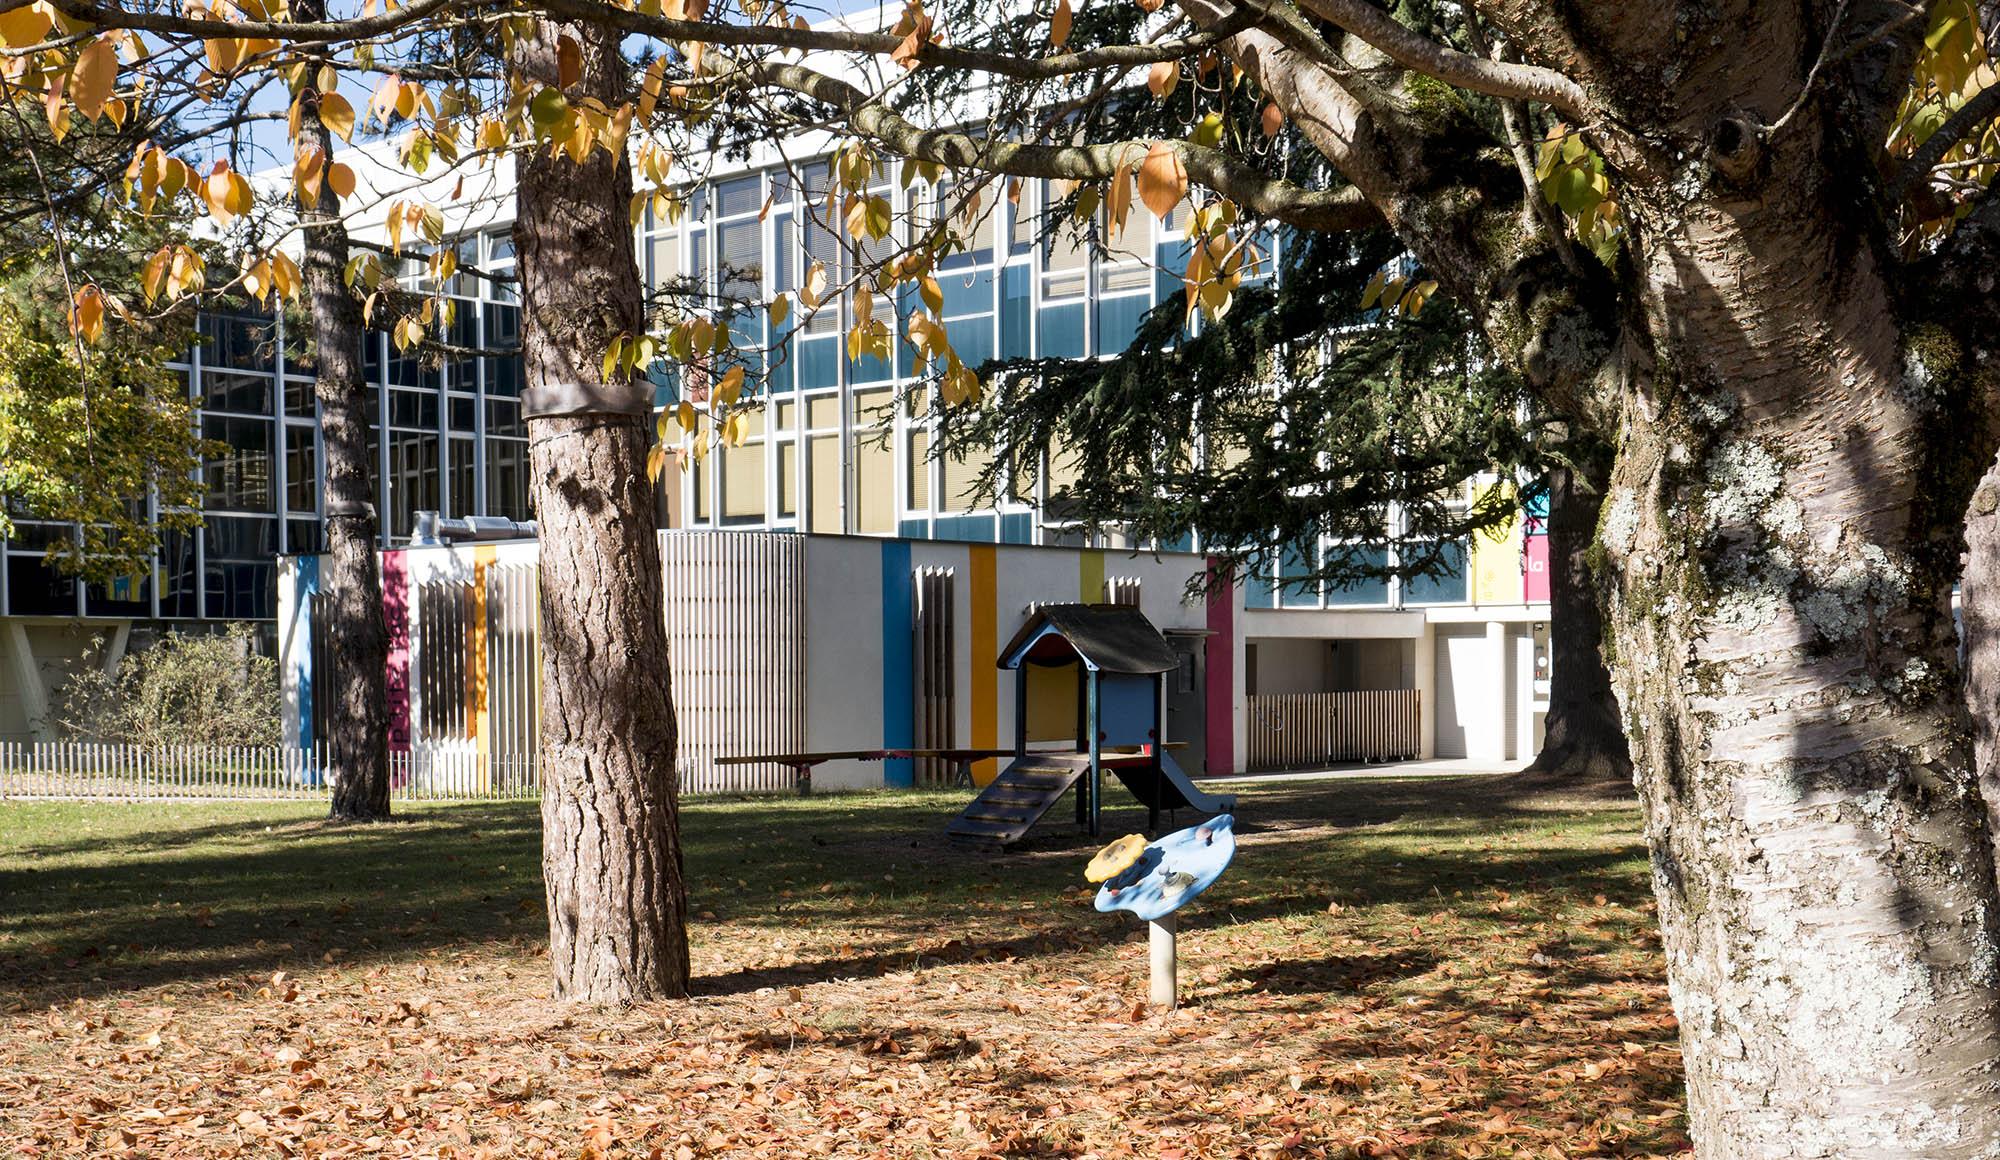 Chouette-architecture-UB-ptite-fac-dijon-2000-8